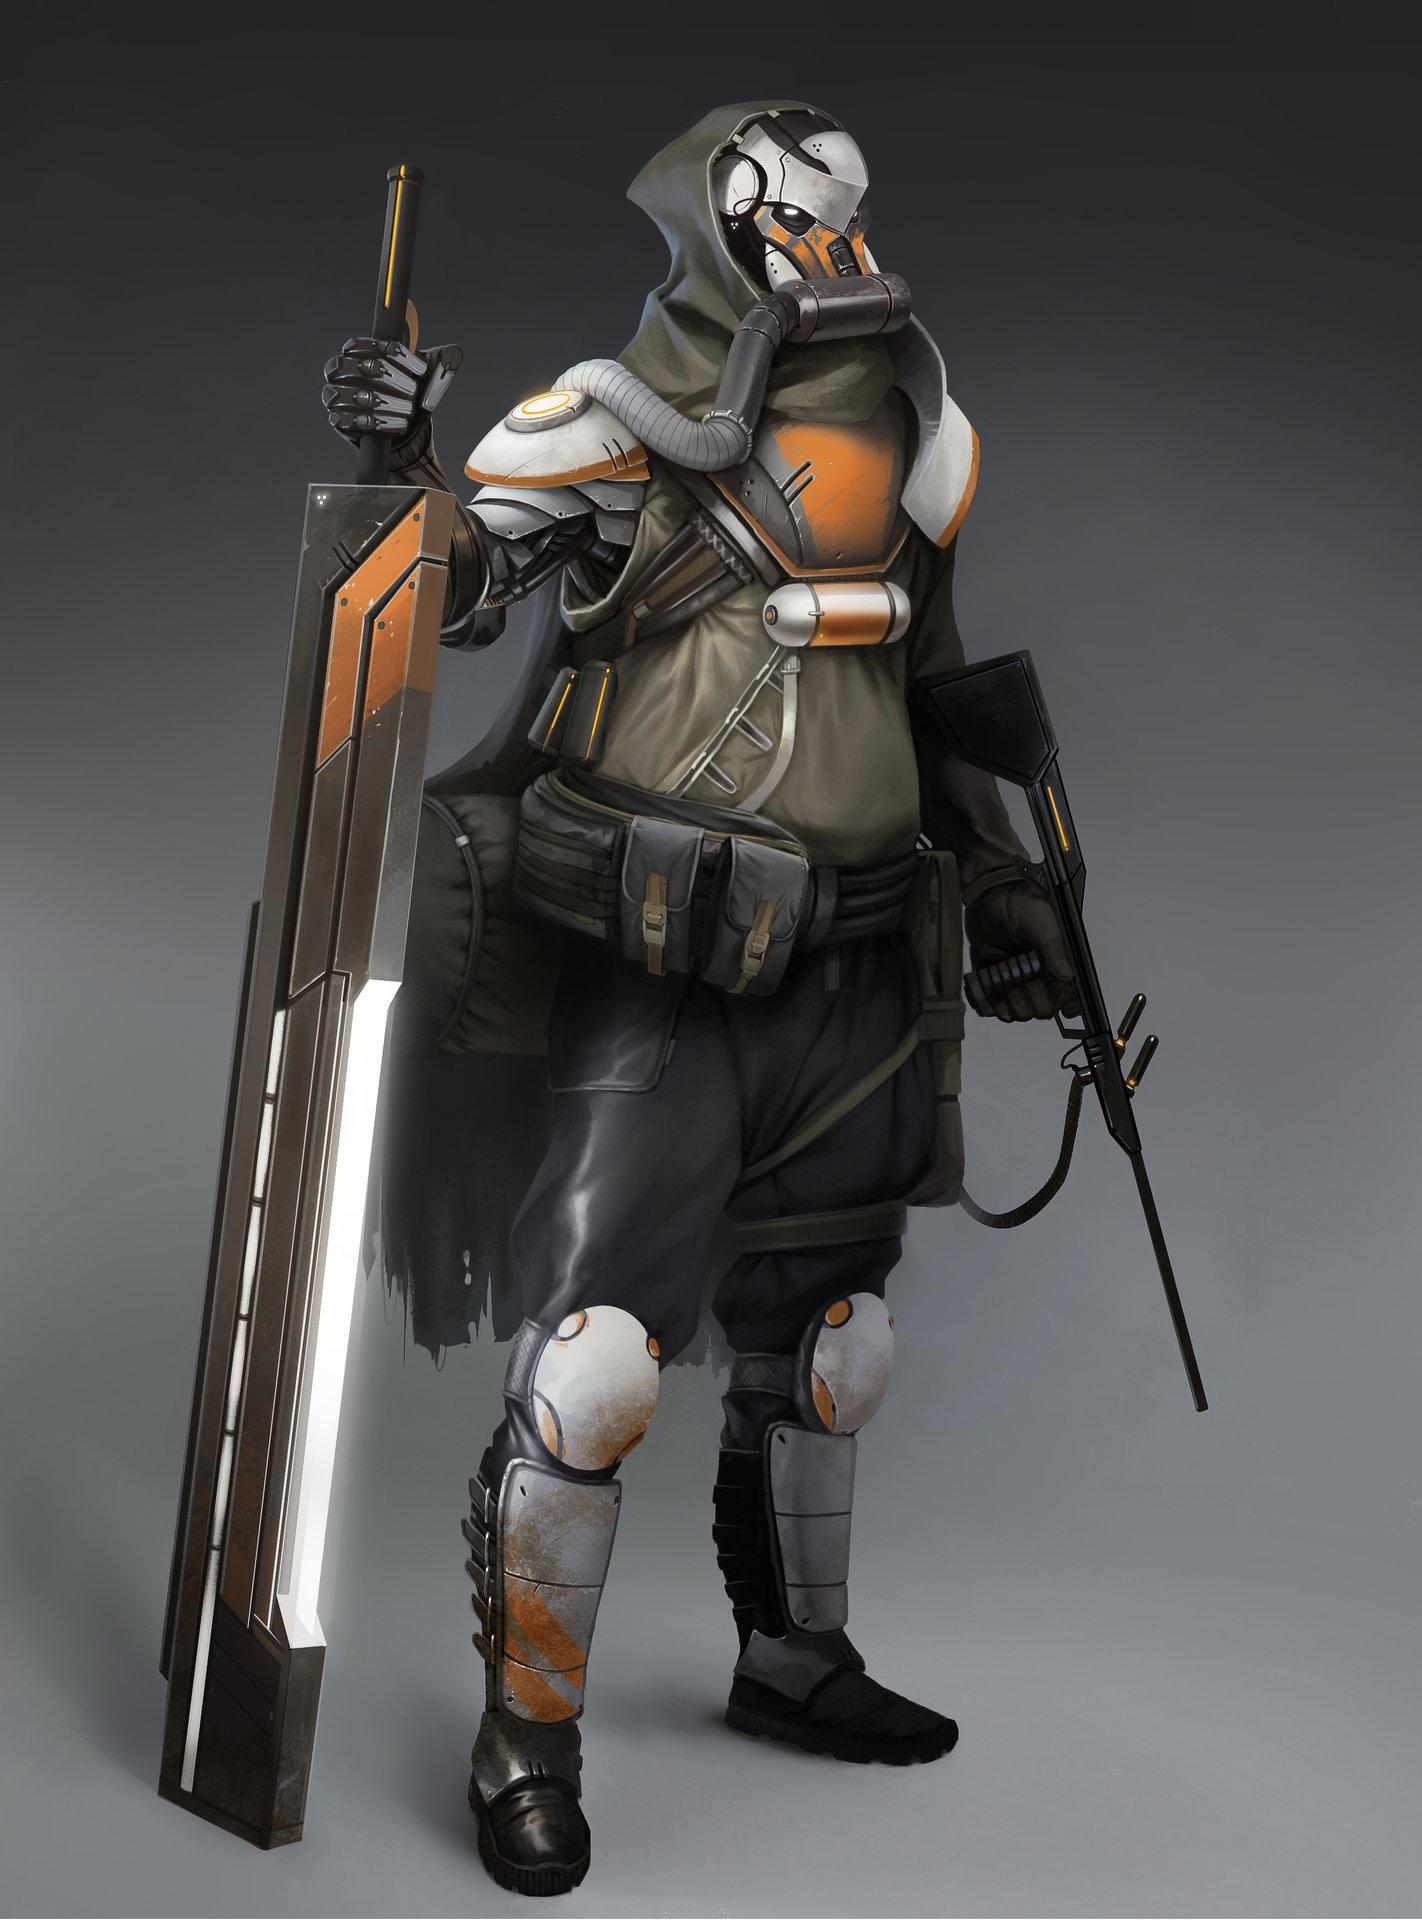 David alvarez sf samurai